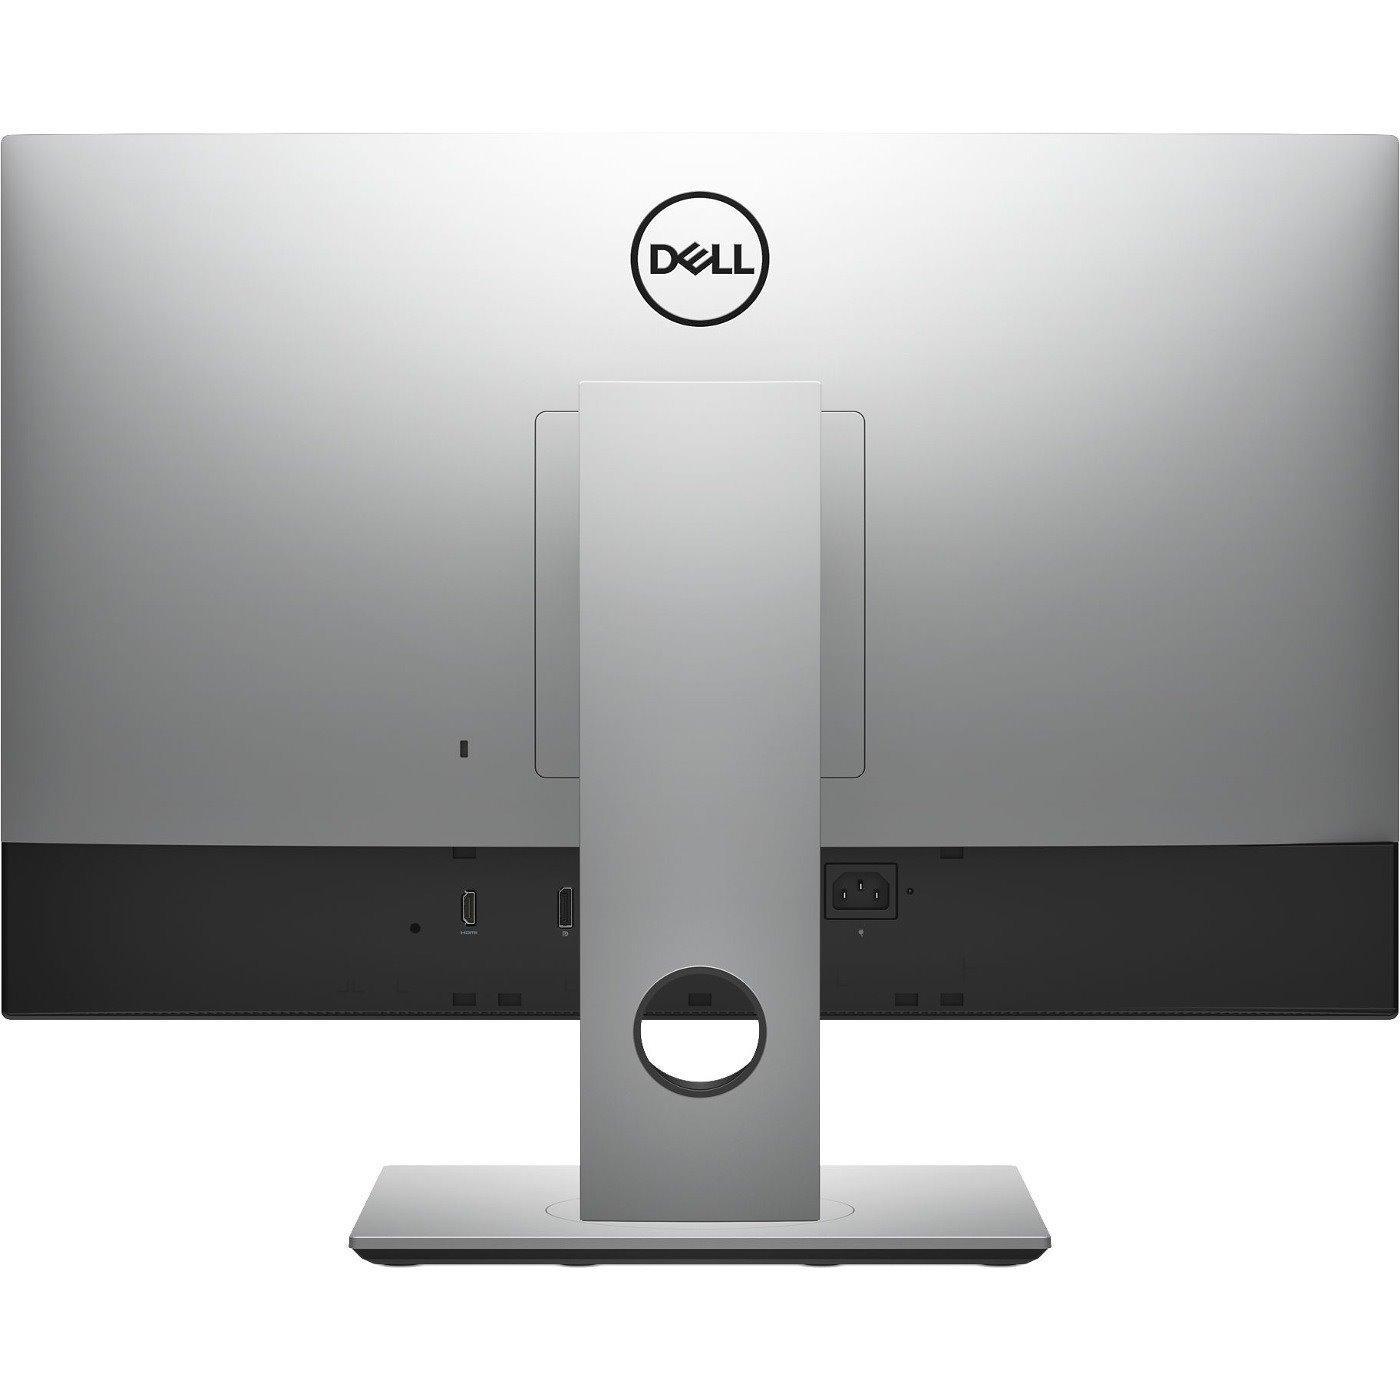 """Dell OptiPlex 7000 7760 All-in-One Computer - Intel Core i5 (8th Gen) i5-8500 - 8 GB DDR4 SDRAM - 256 GB SSD - 68.6 cm (27"""") 1920 x 1080 - Windows 10 Pro 64-bit (English) - Desktop"""